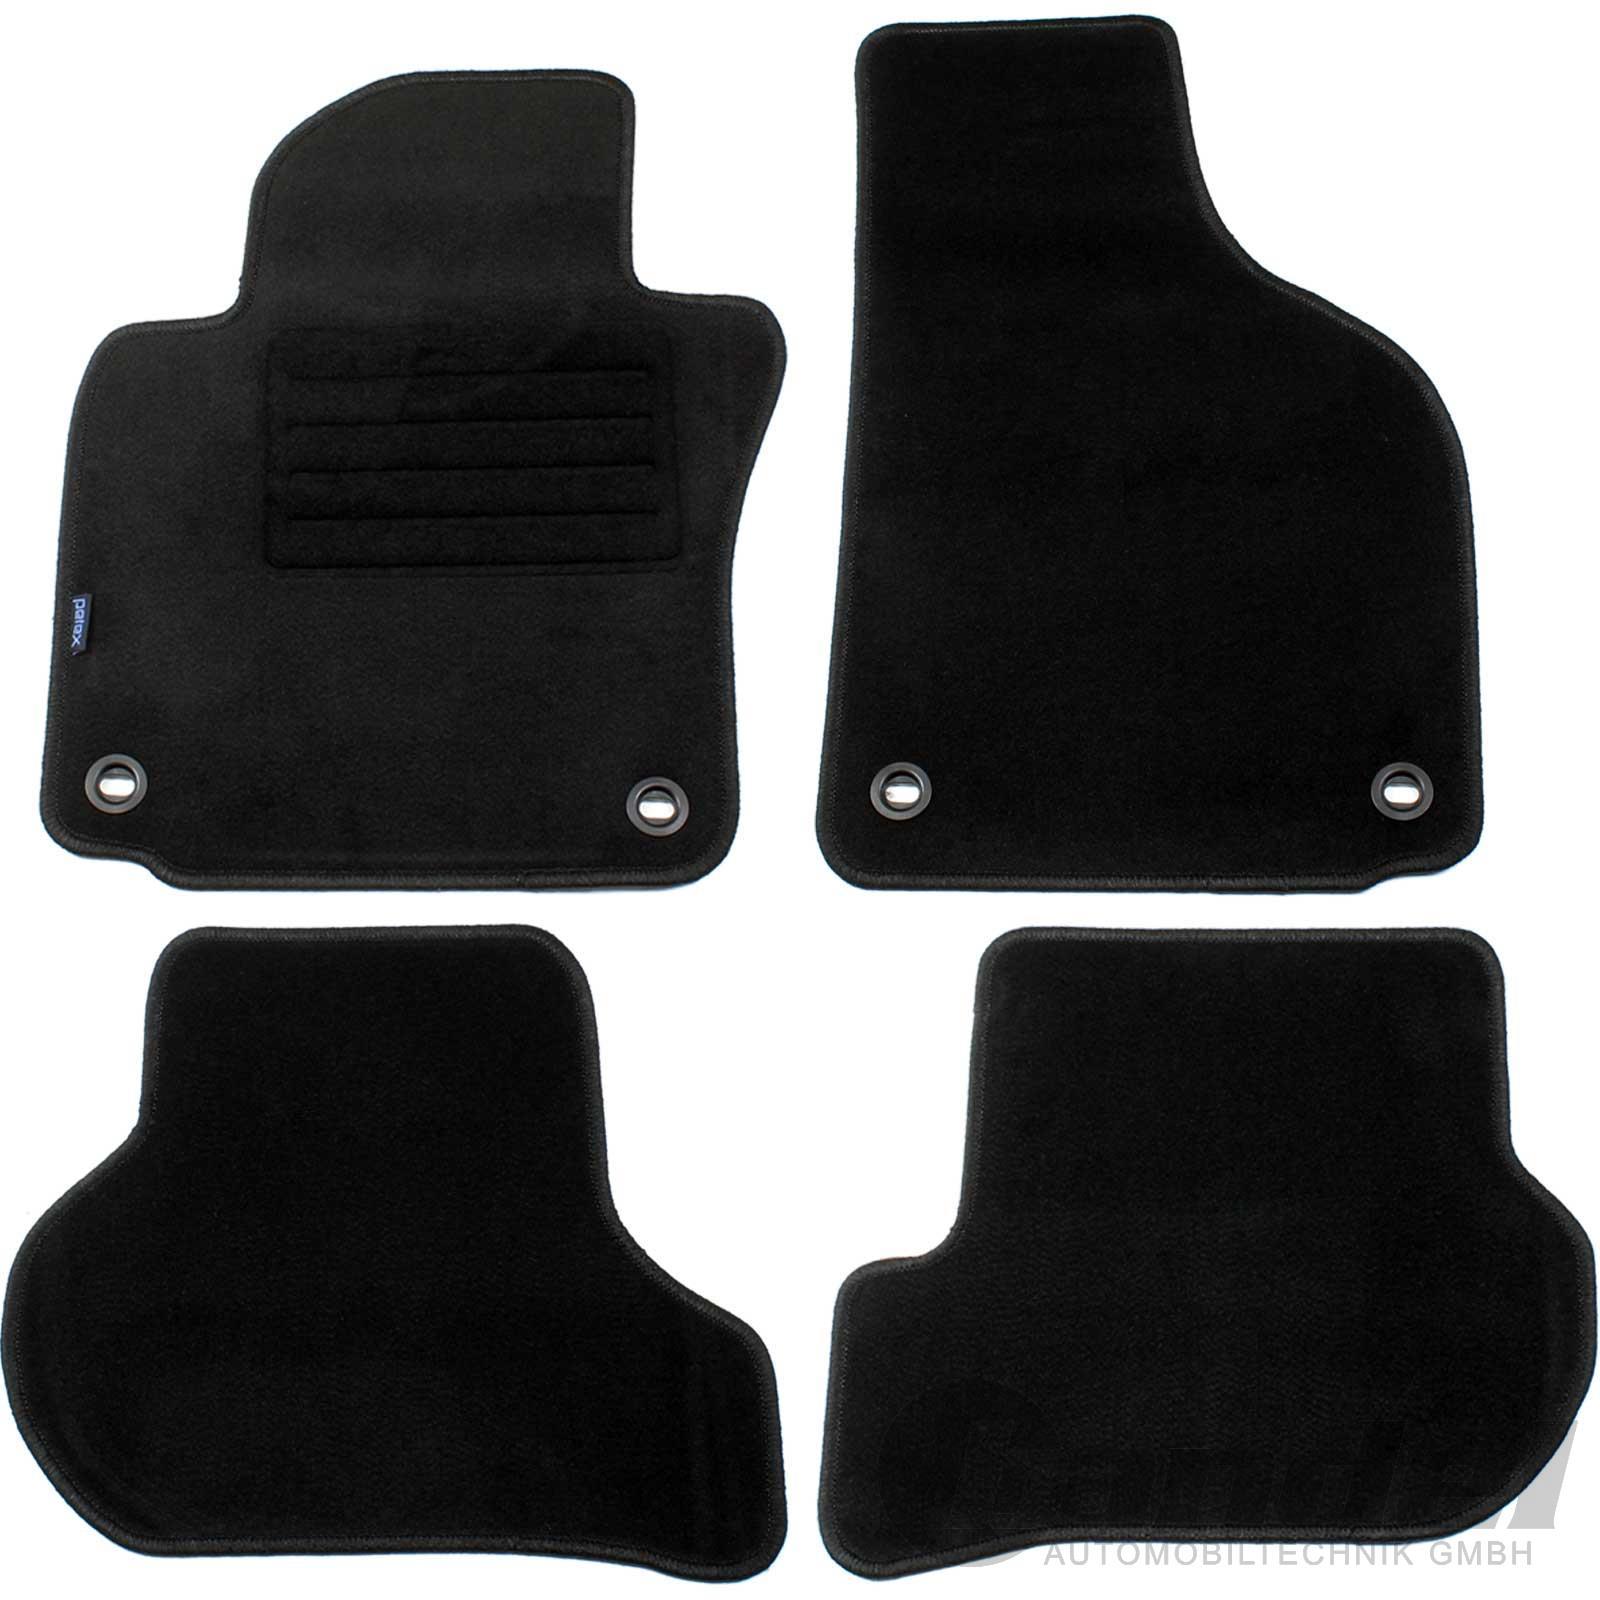 Velours Fußmatten Auto-matten Set passend für VW Jetta 5 V 2005-2010 1K2 VORN